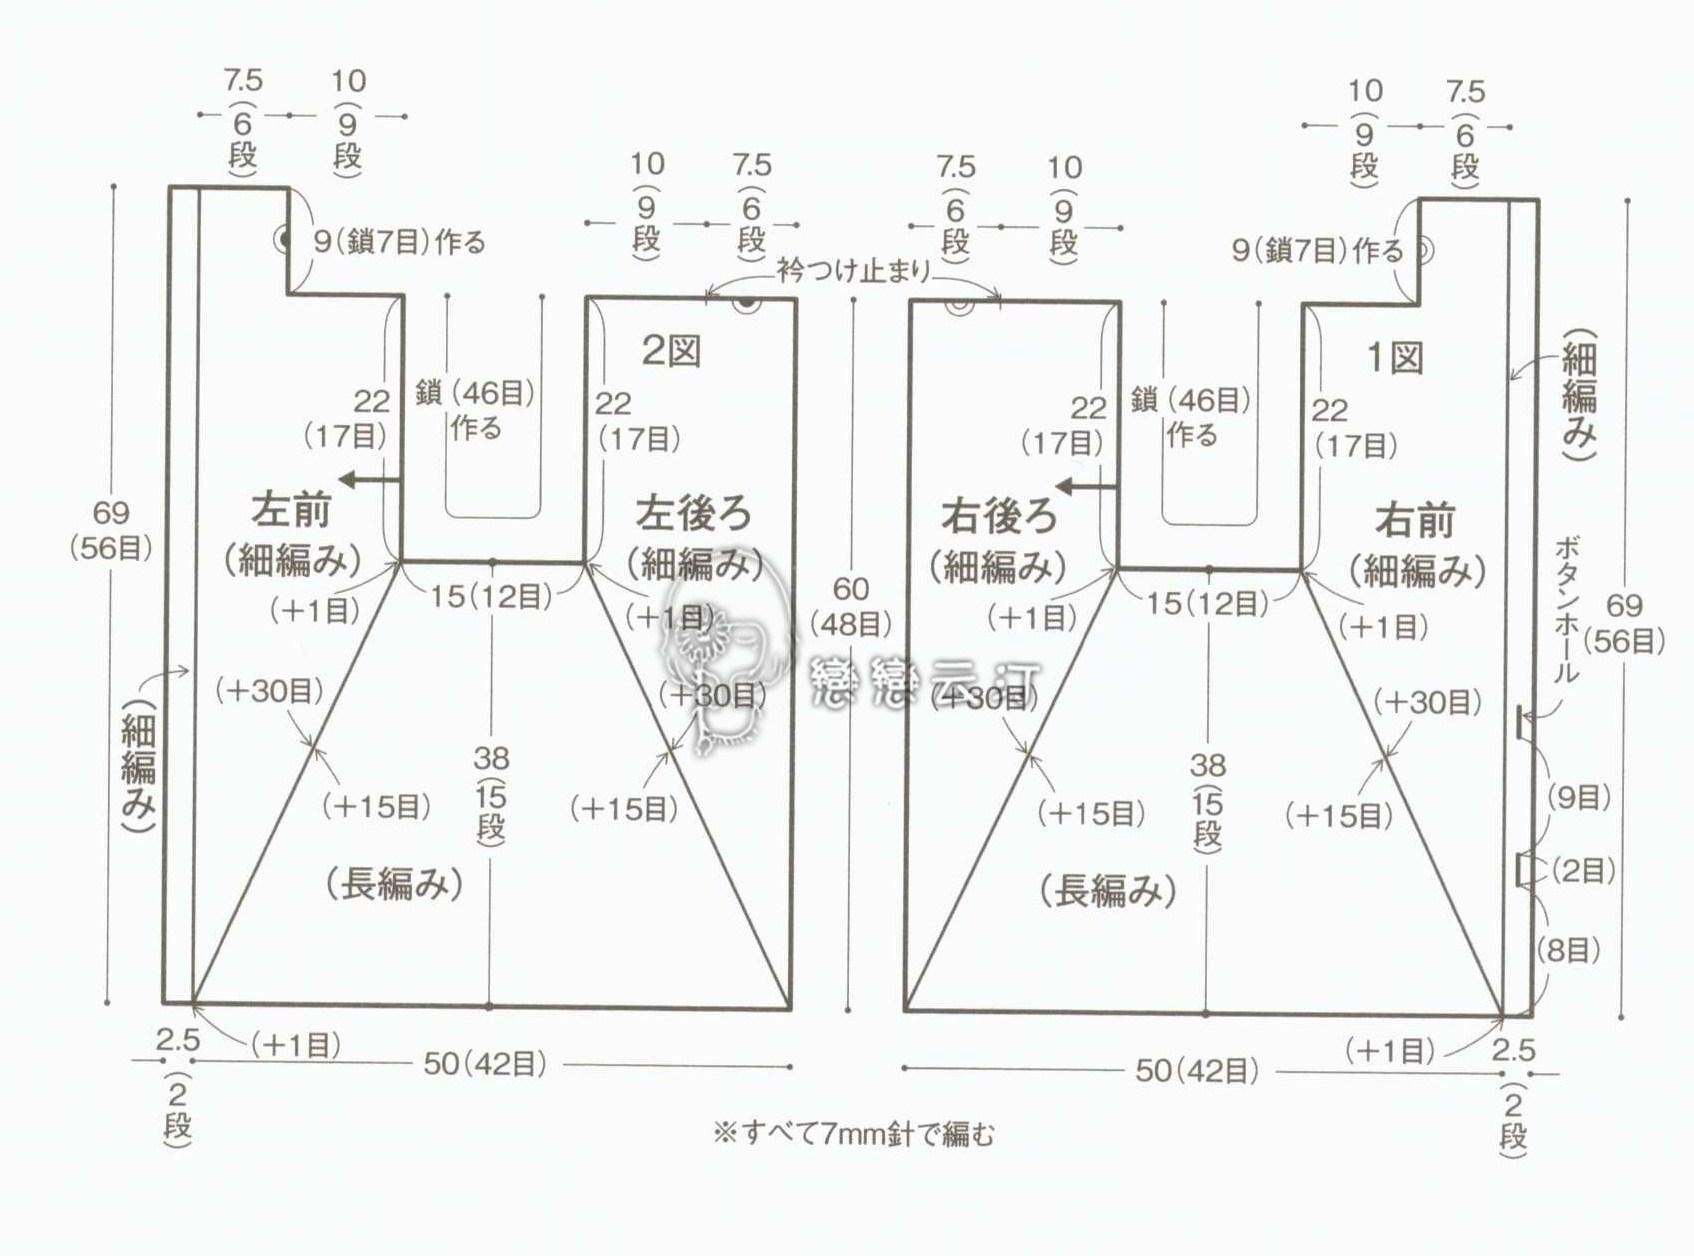 NV80486 (8)a